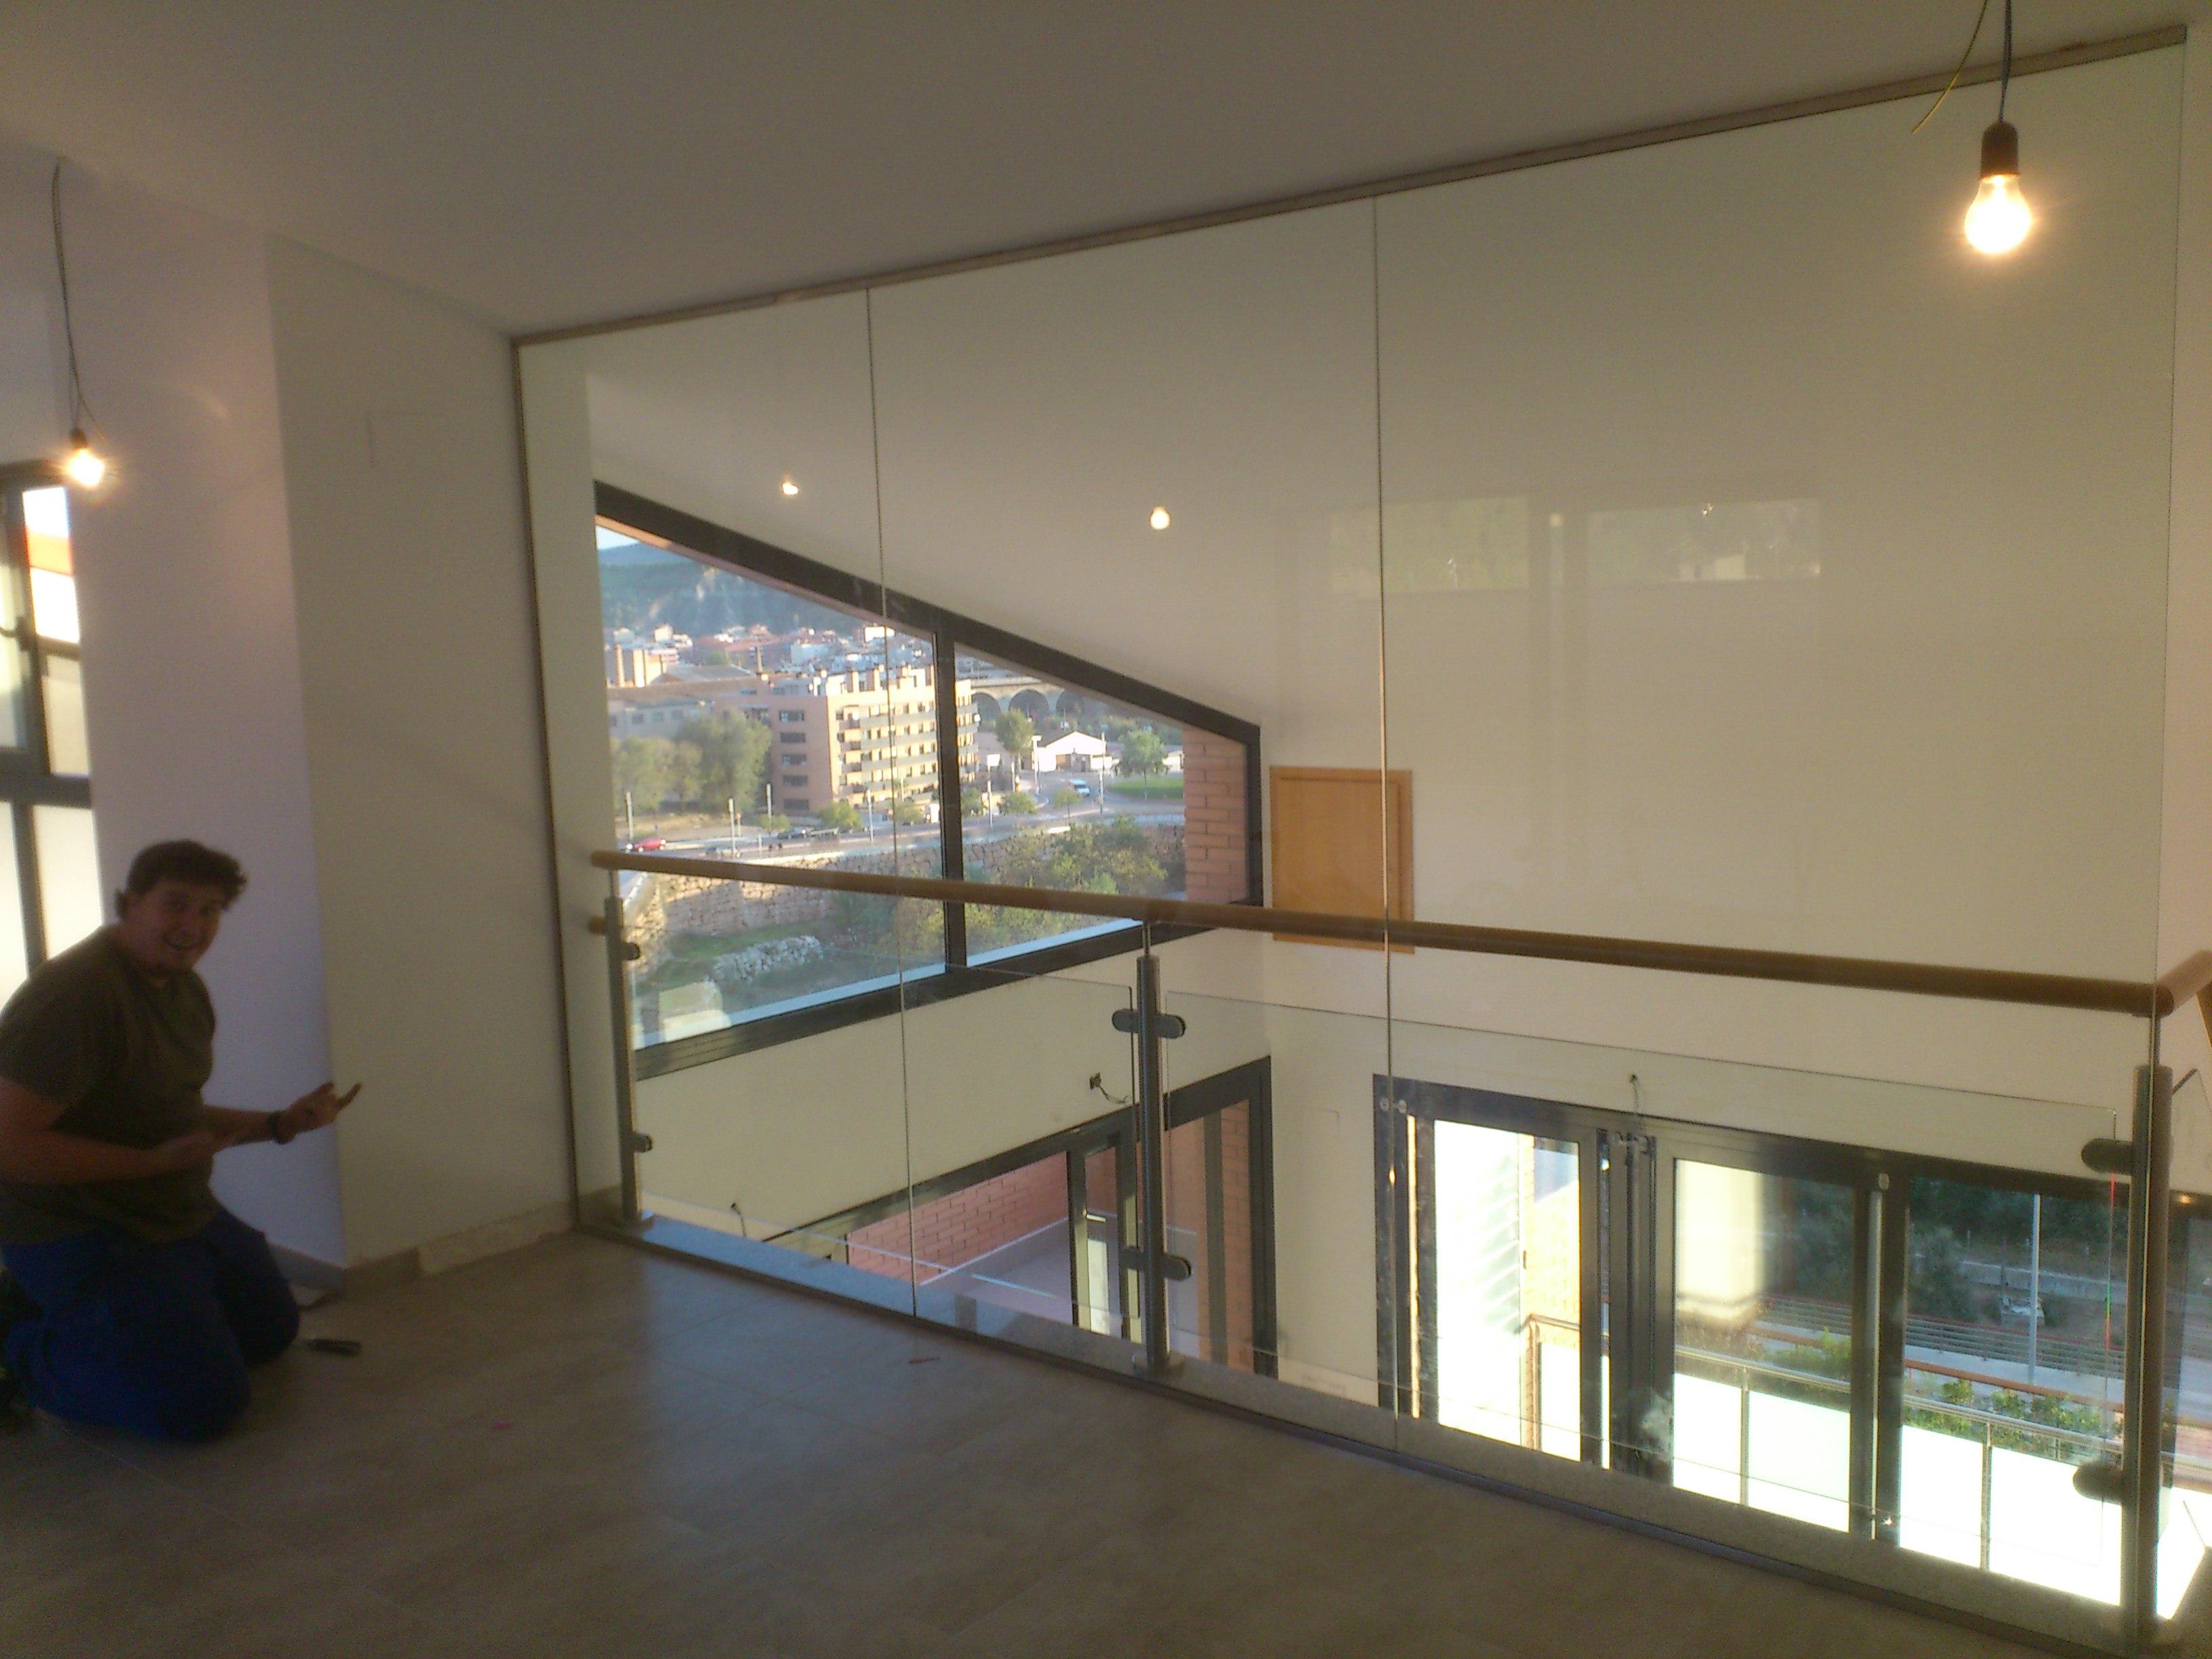 separación en altura con vidrio de seguridad